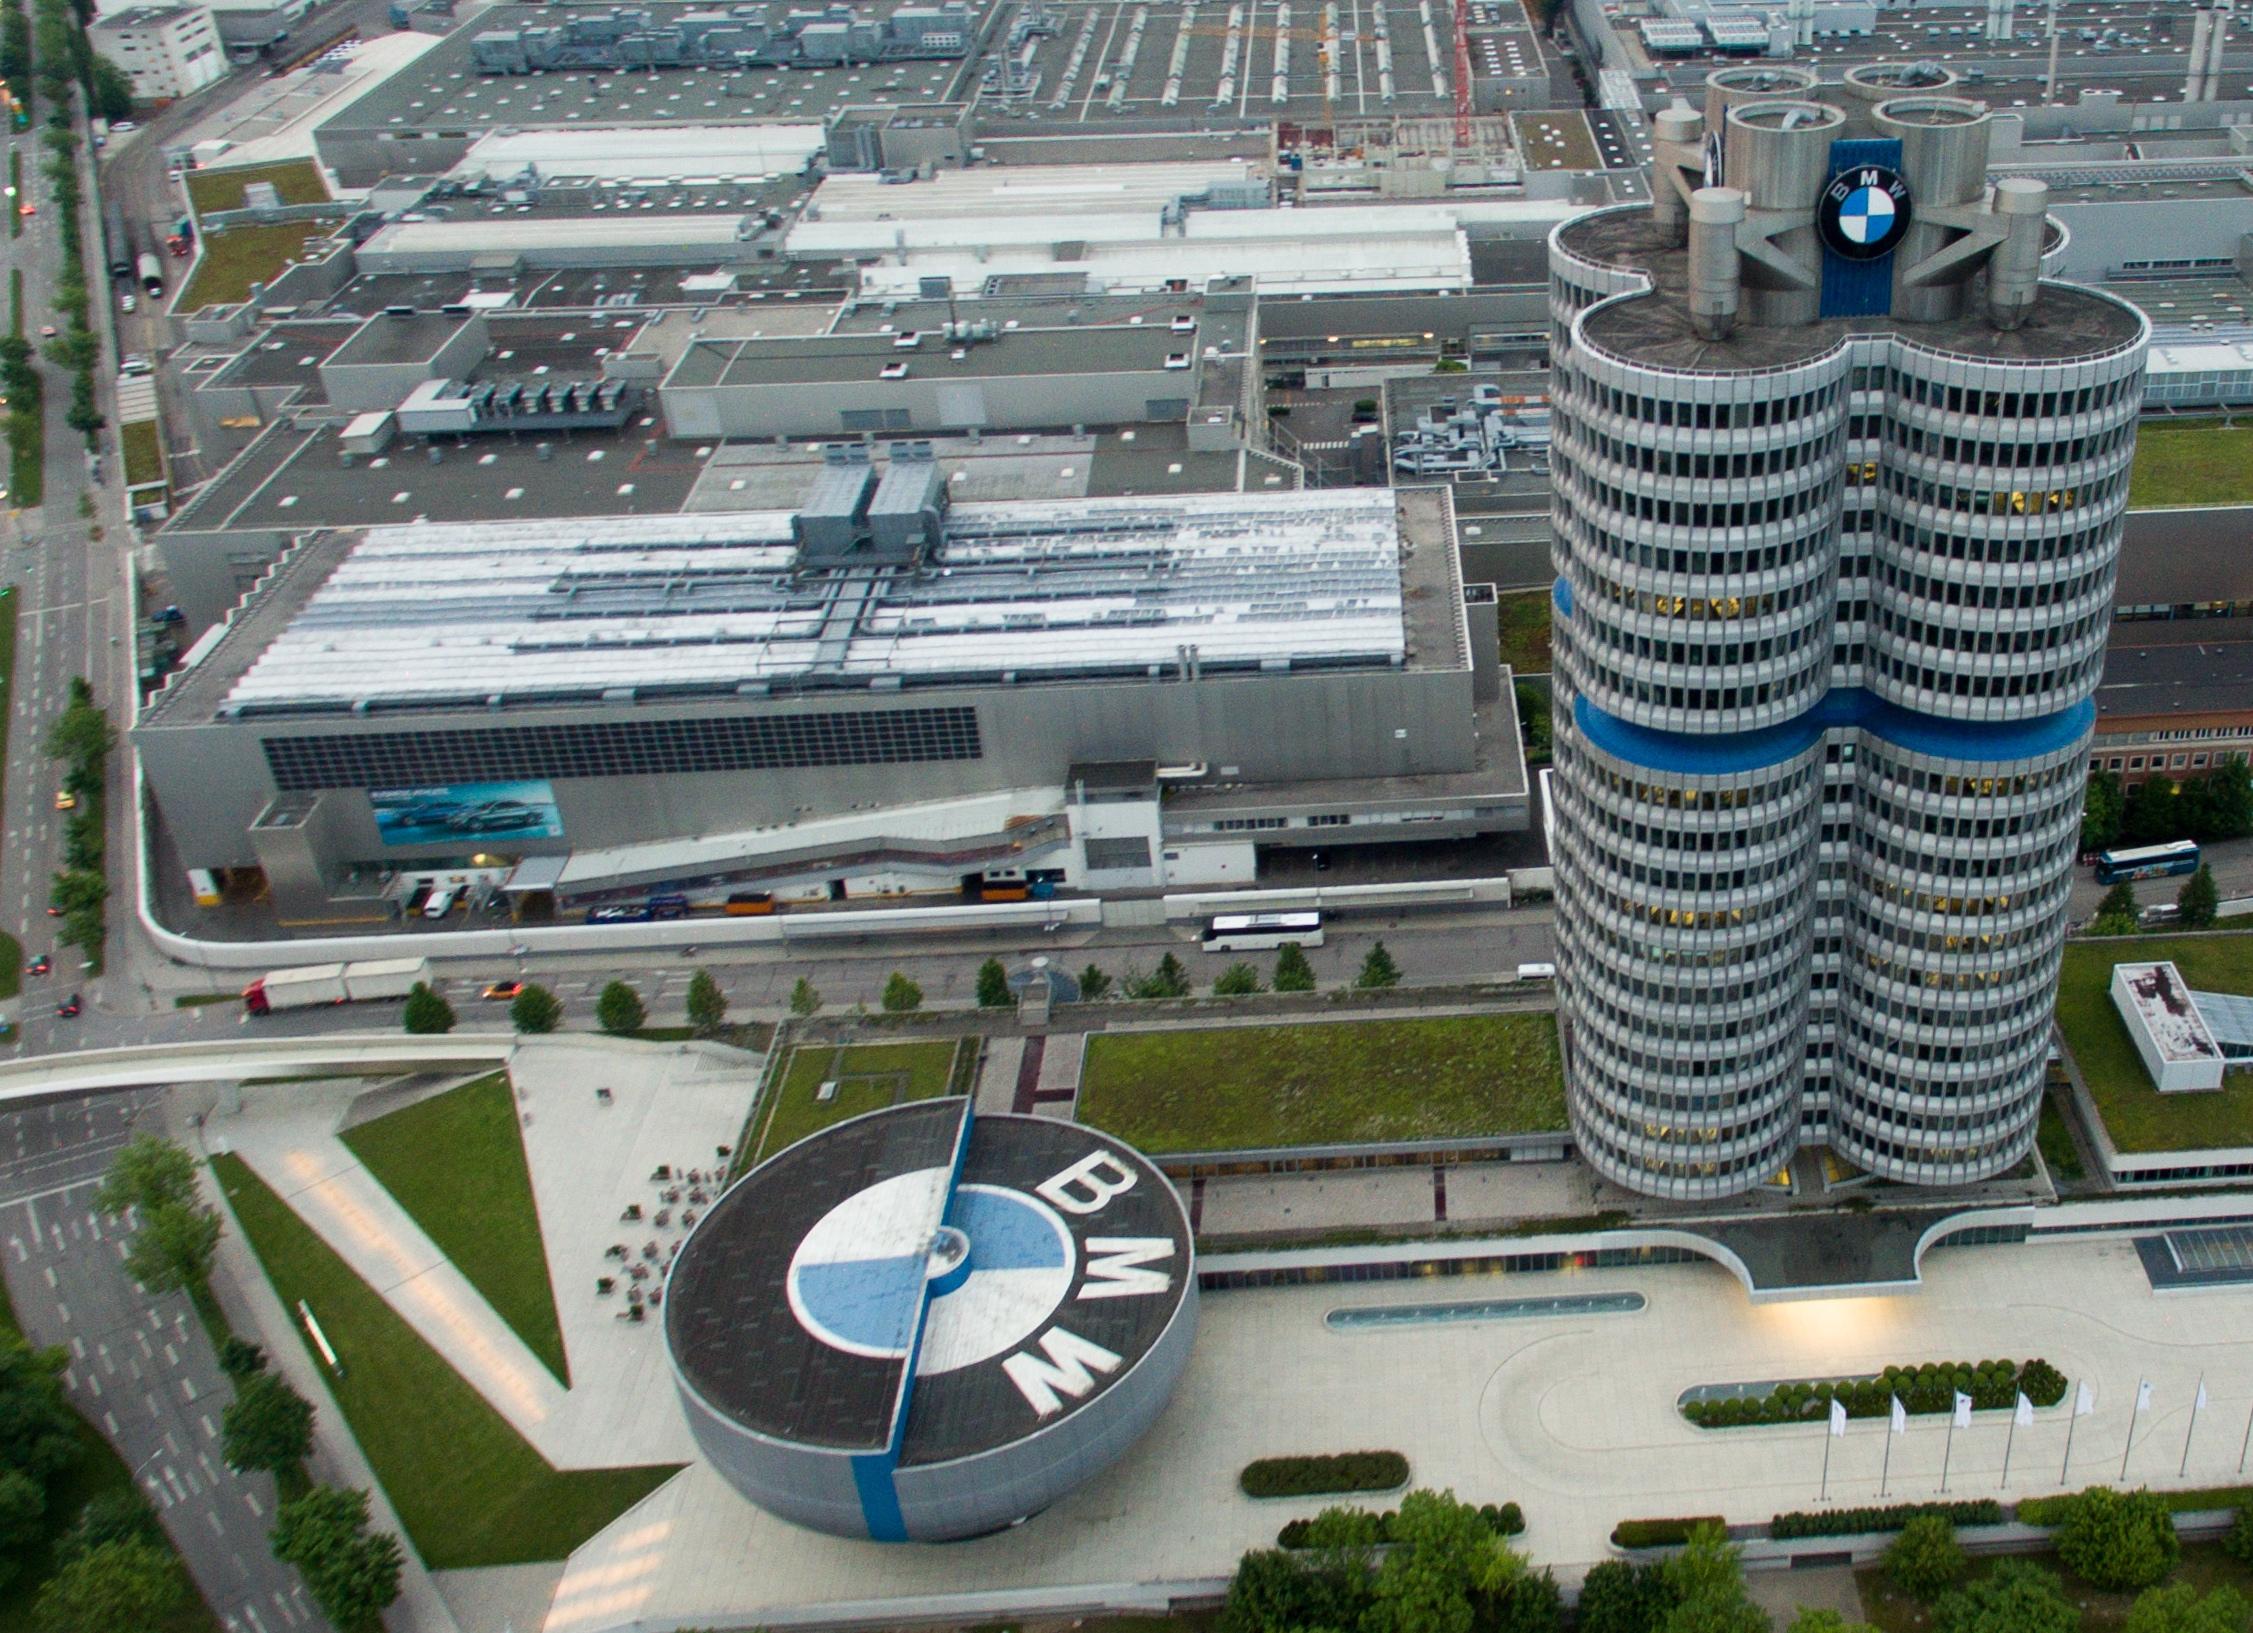 музей BMW, музей бмв, с аудиогидом, экскурсия, мюнхен